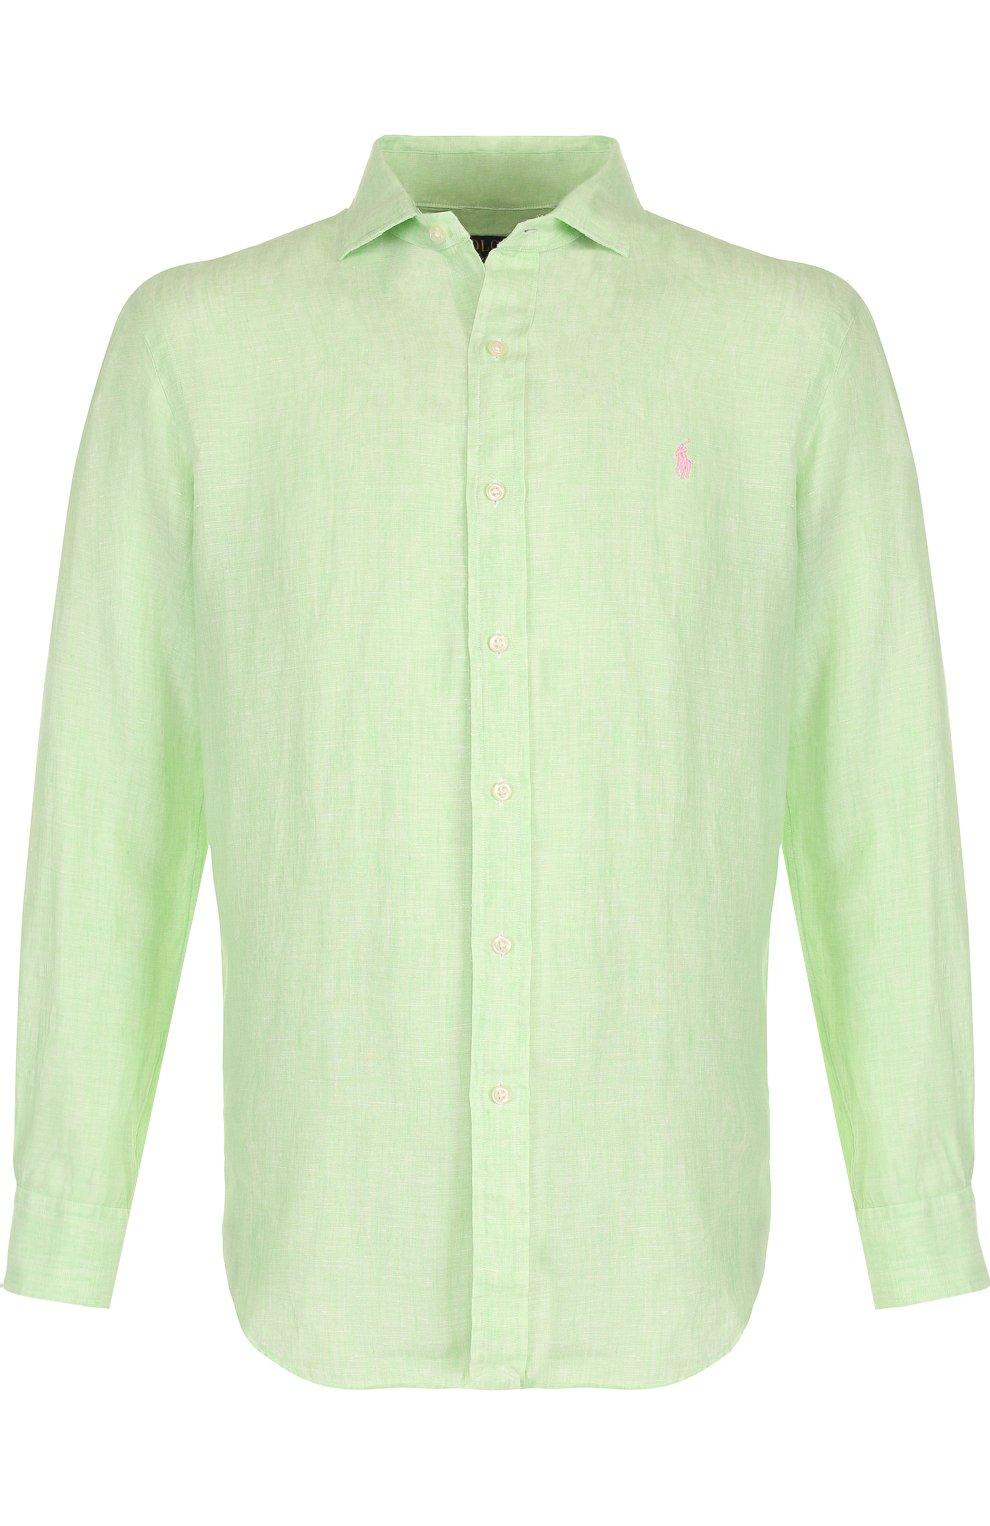 3c5672d376f Мужская салатовая льняная рубашка с воротником кент POLO RALPH ...